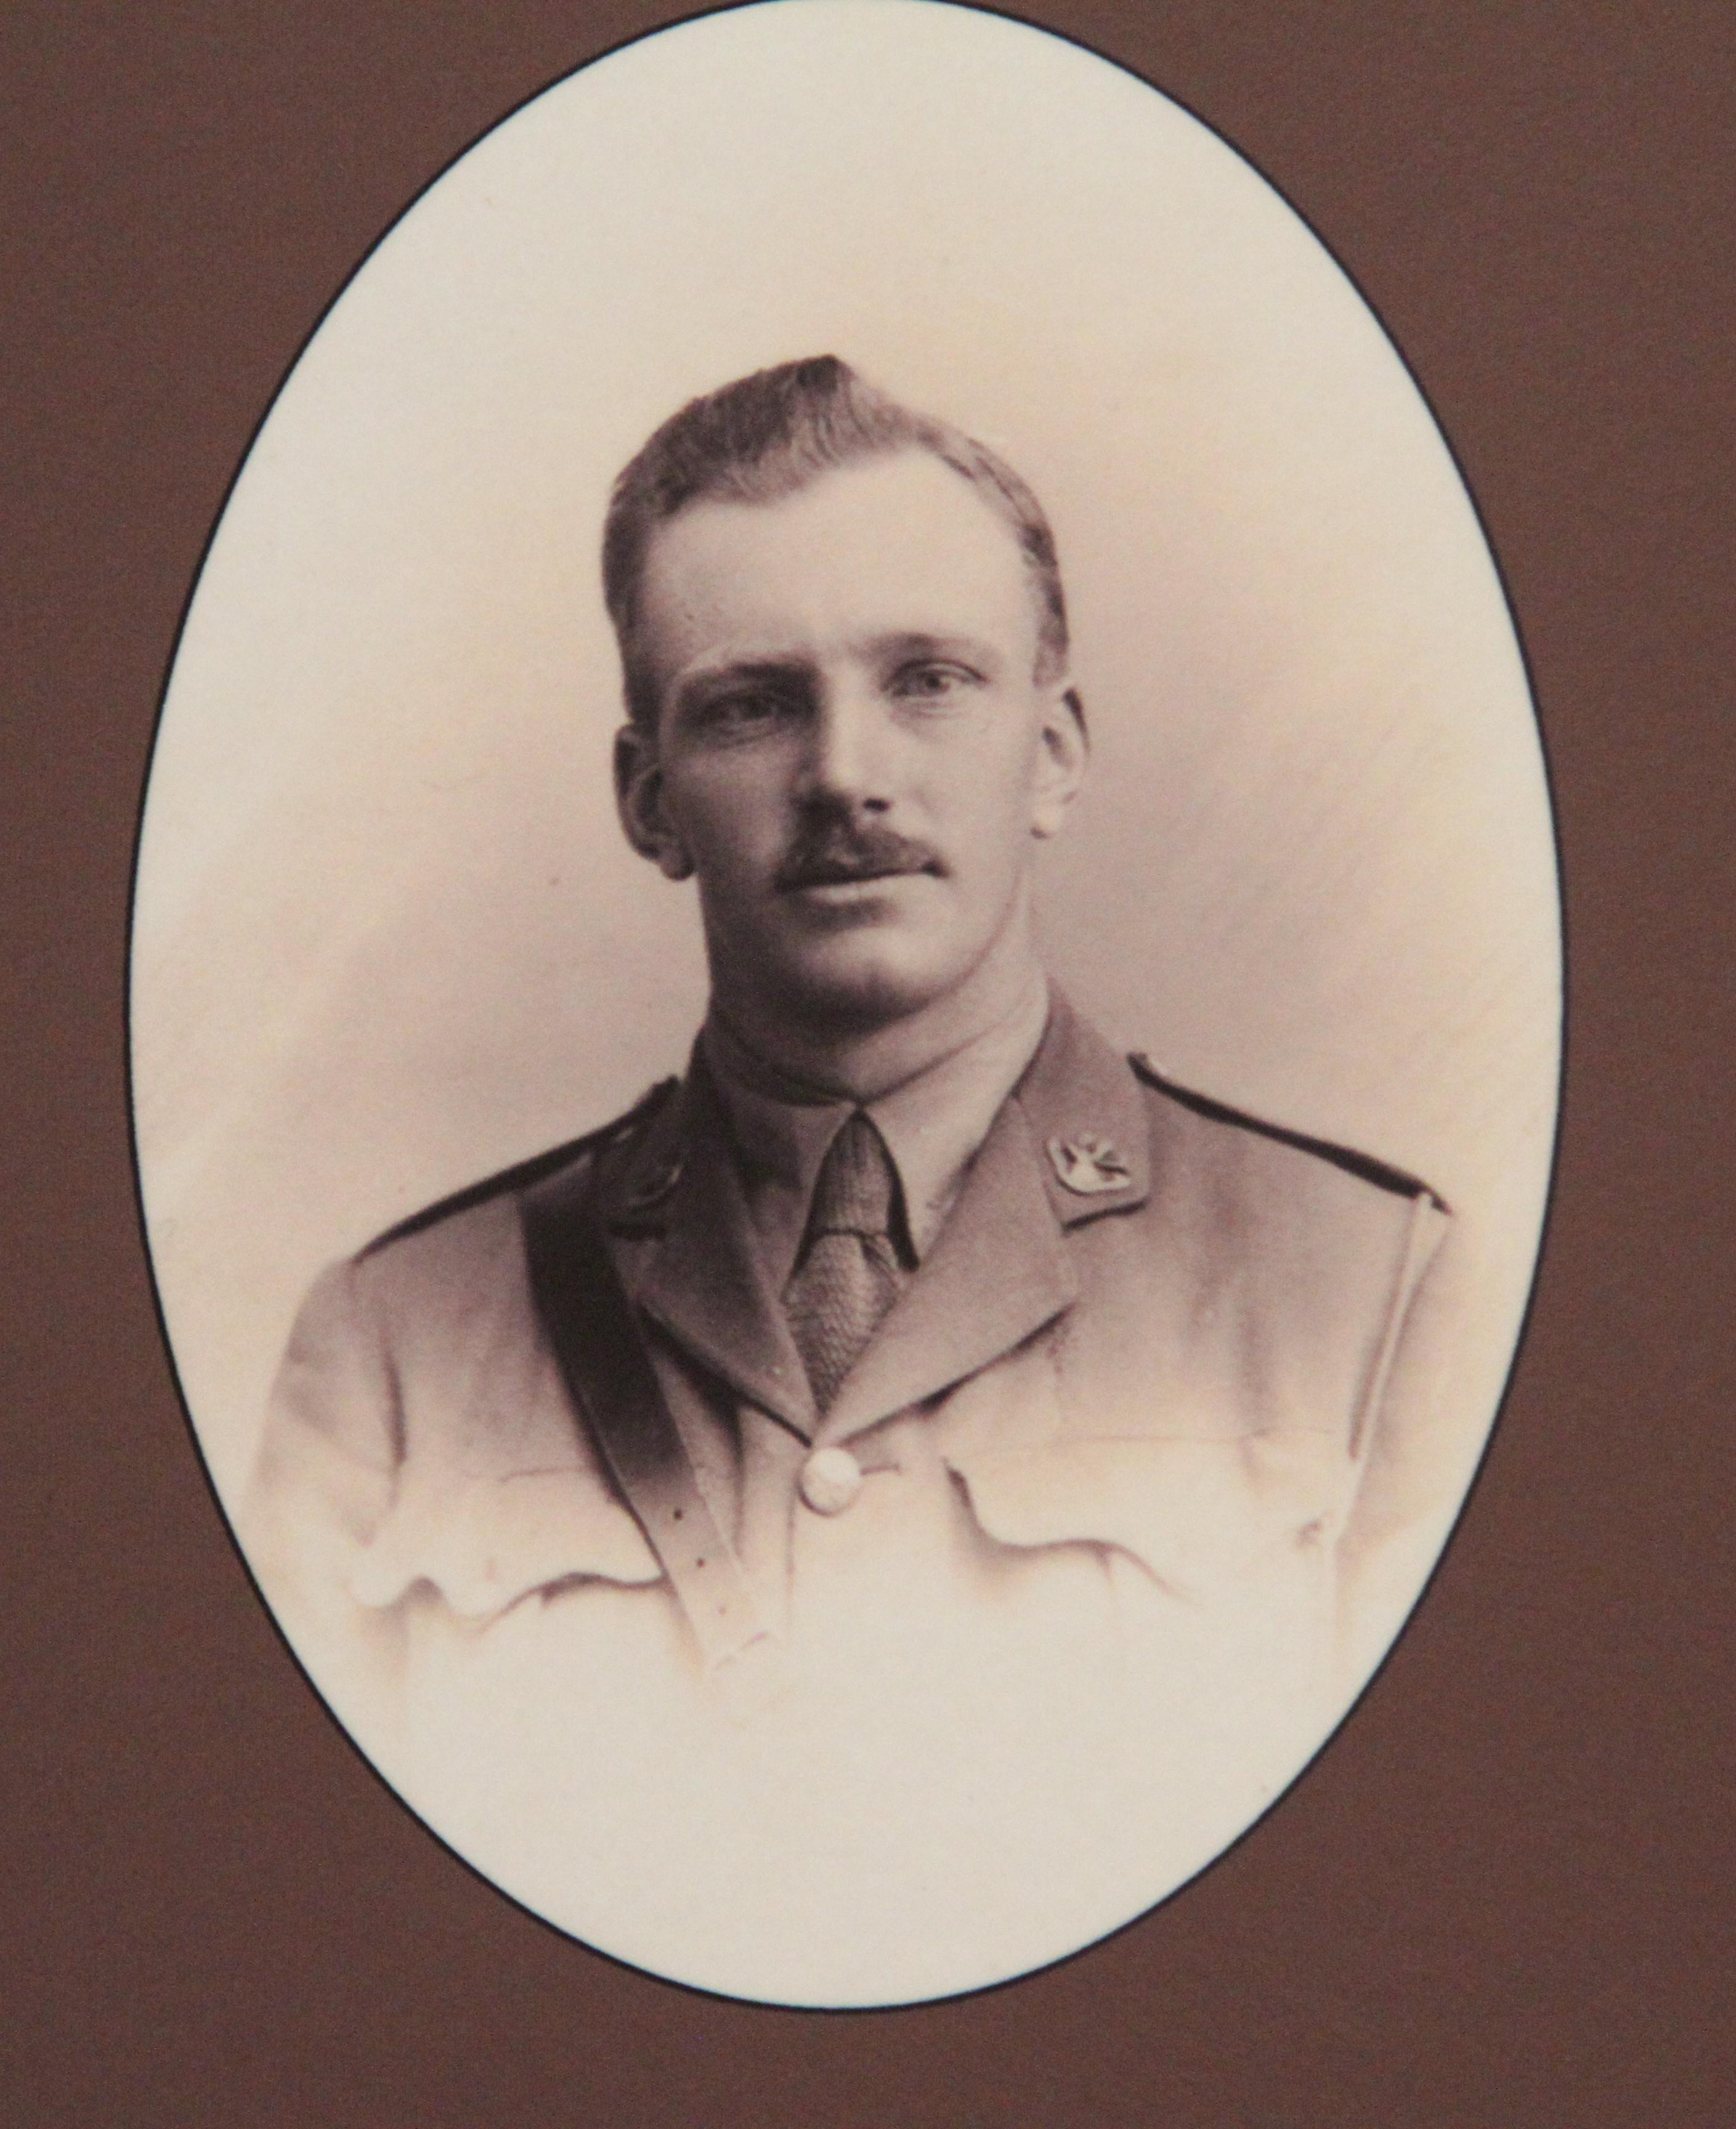 Owen William Steele